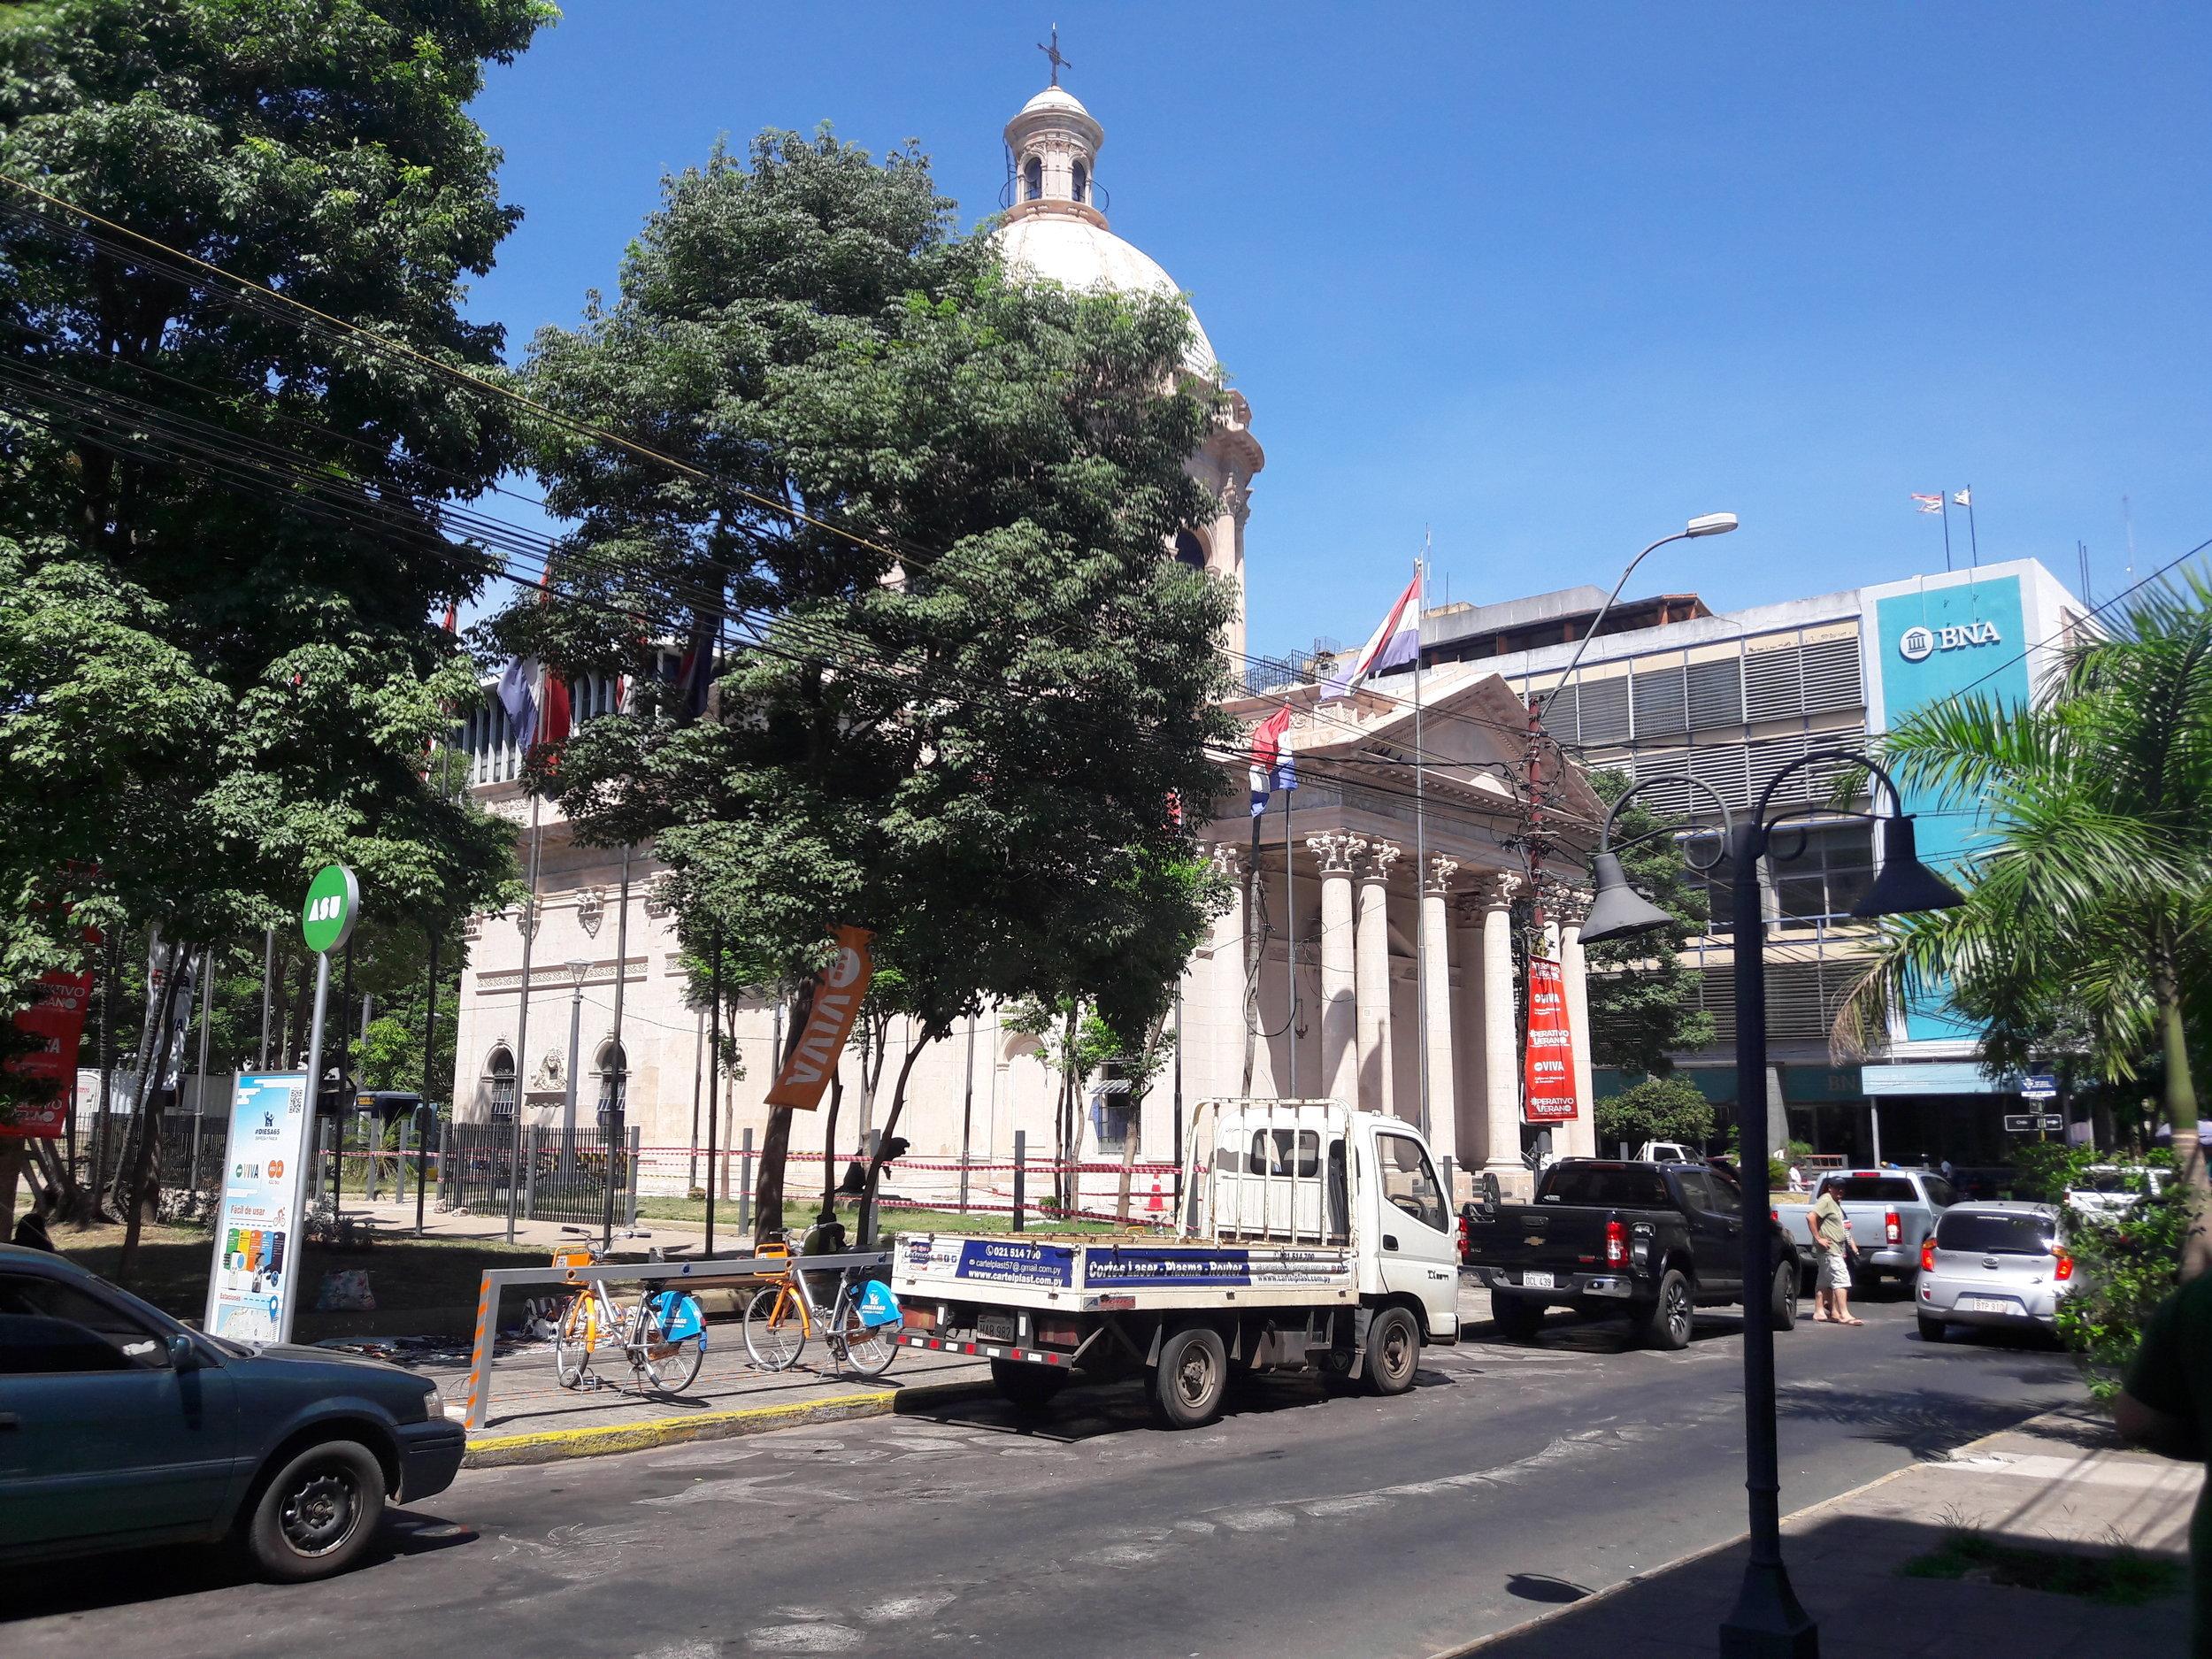 Ve třech dalších ulicích směrem dále od přístavu vedly také tramvajové koleje. Na snímku druhá z těchto tří, a sice ulice Palma (směrem vlevo pak nazývaná jako Mariscal Estigarribia).